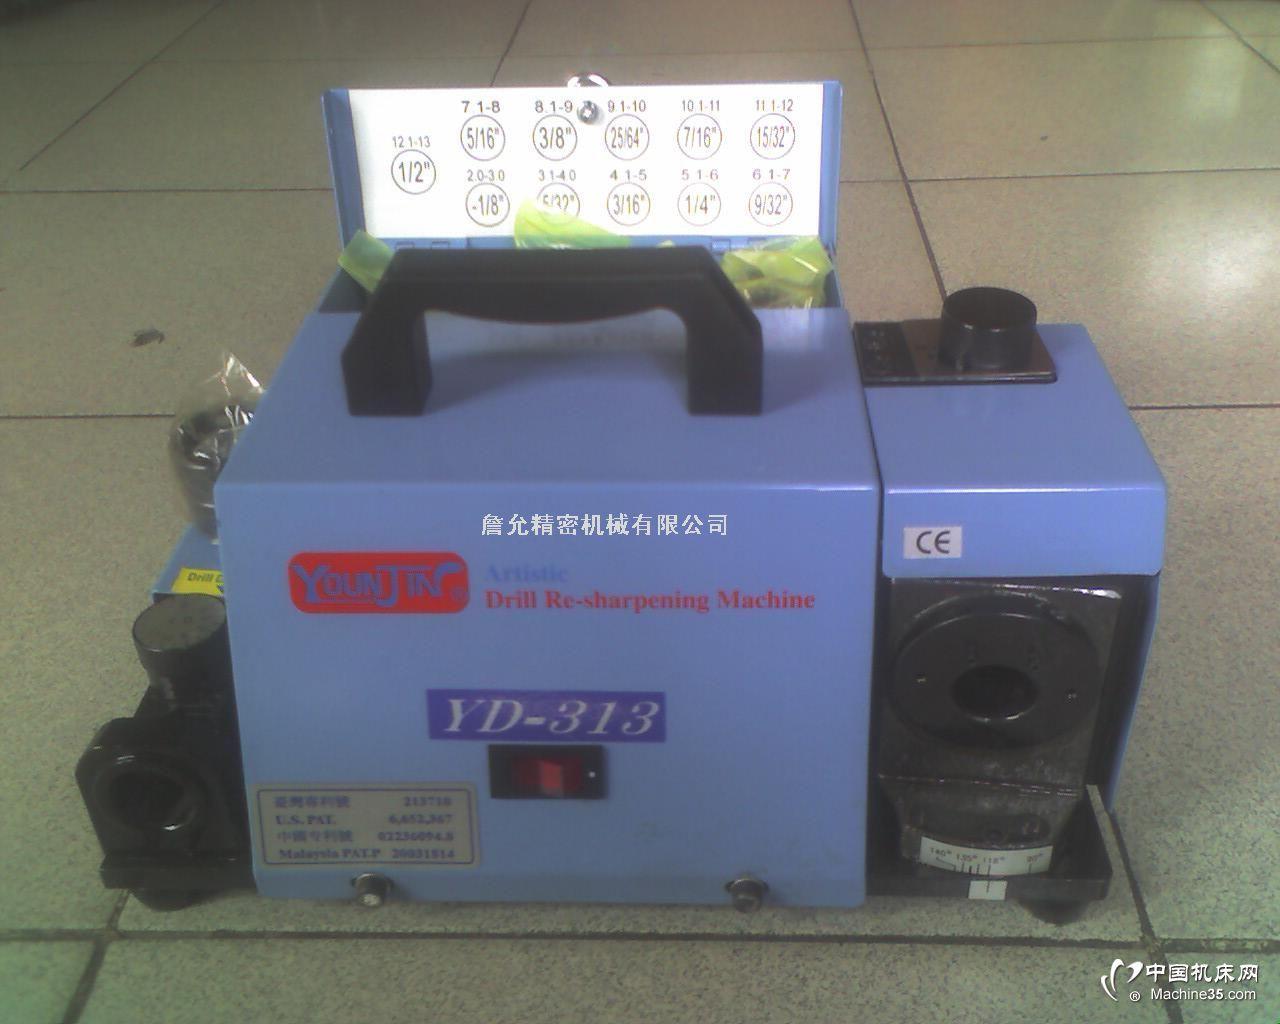 钻头研磨机YD-313、YD-1226、U2钻